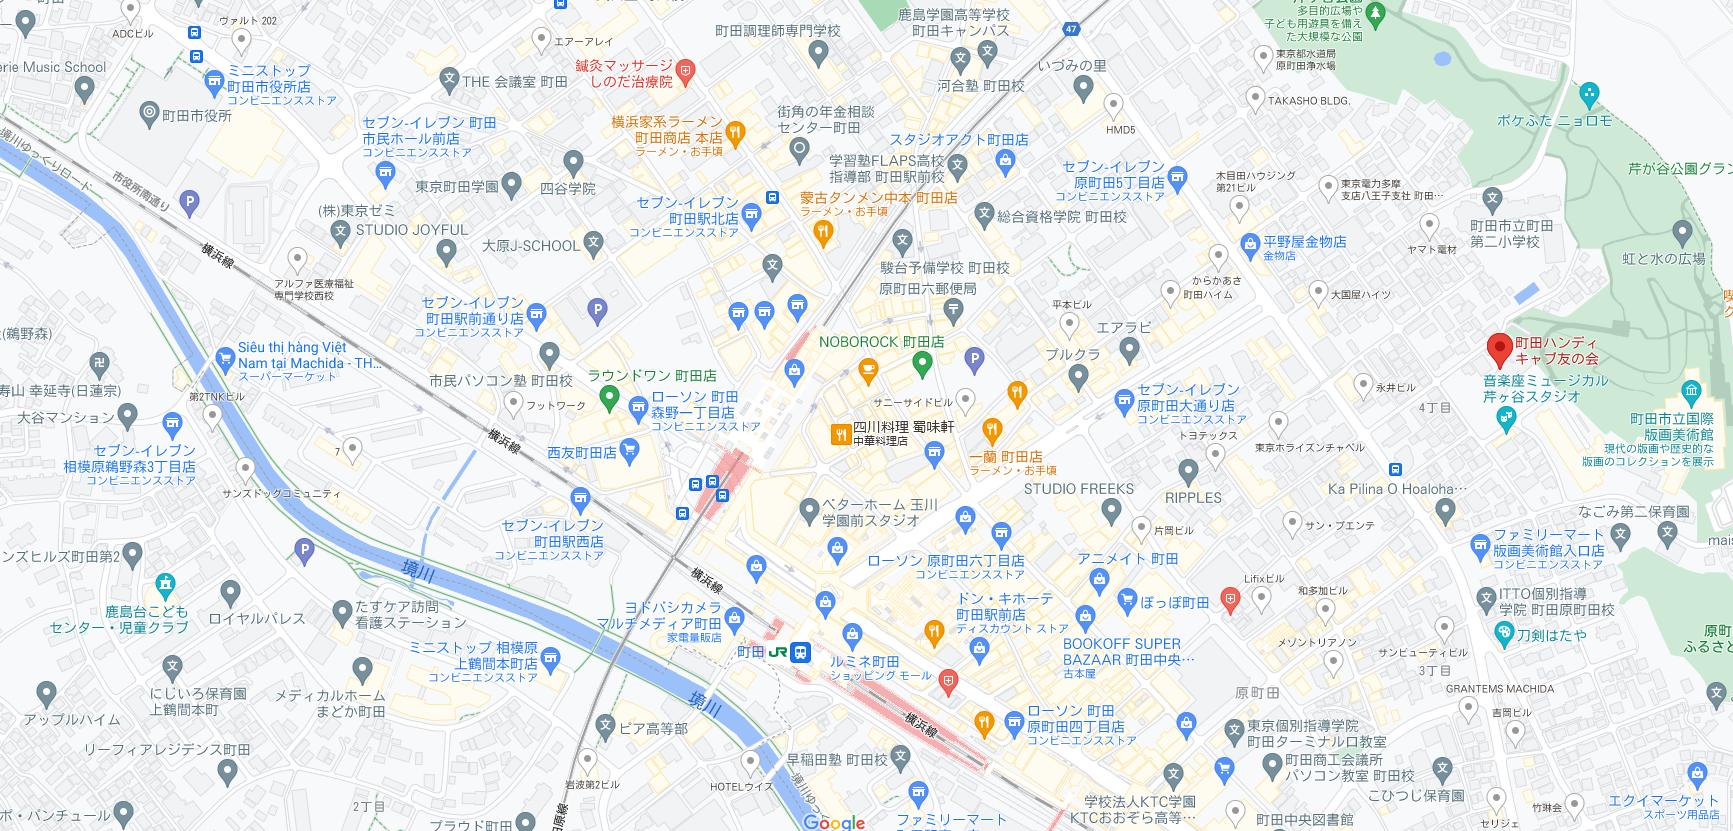 ハンディキャブ友の会所在地(Google Map表示)